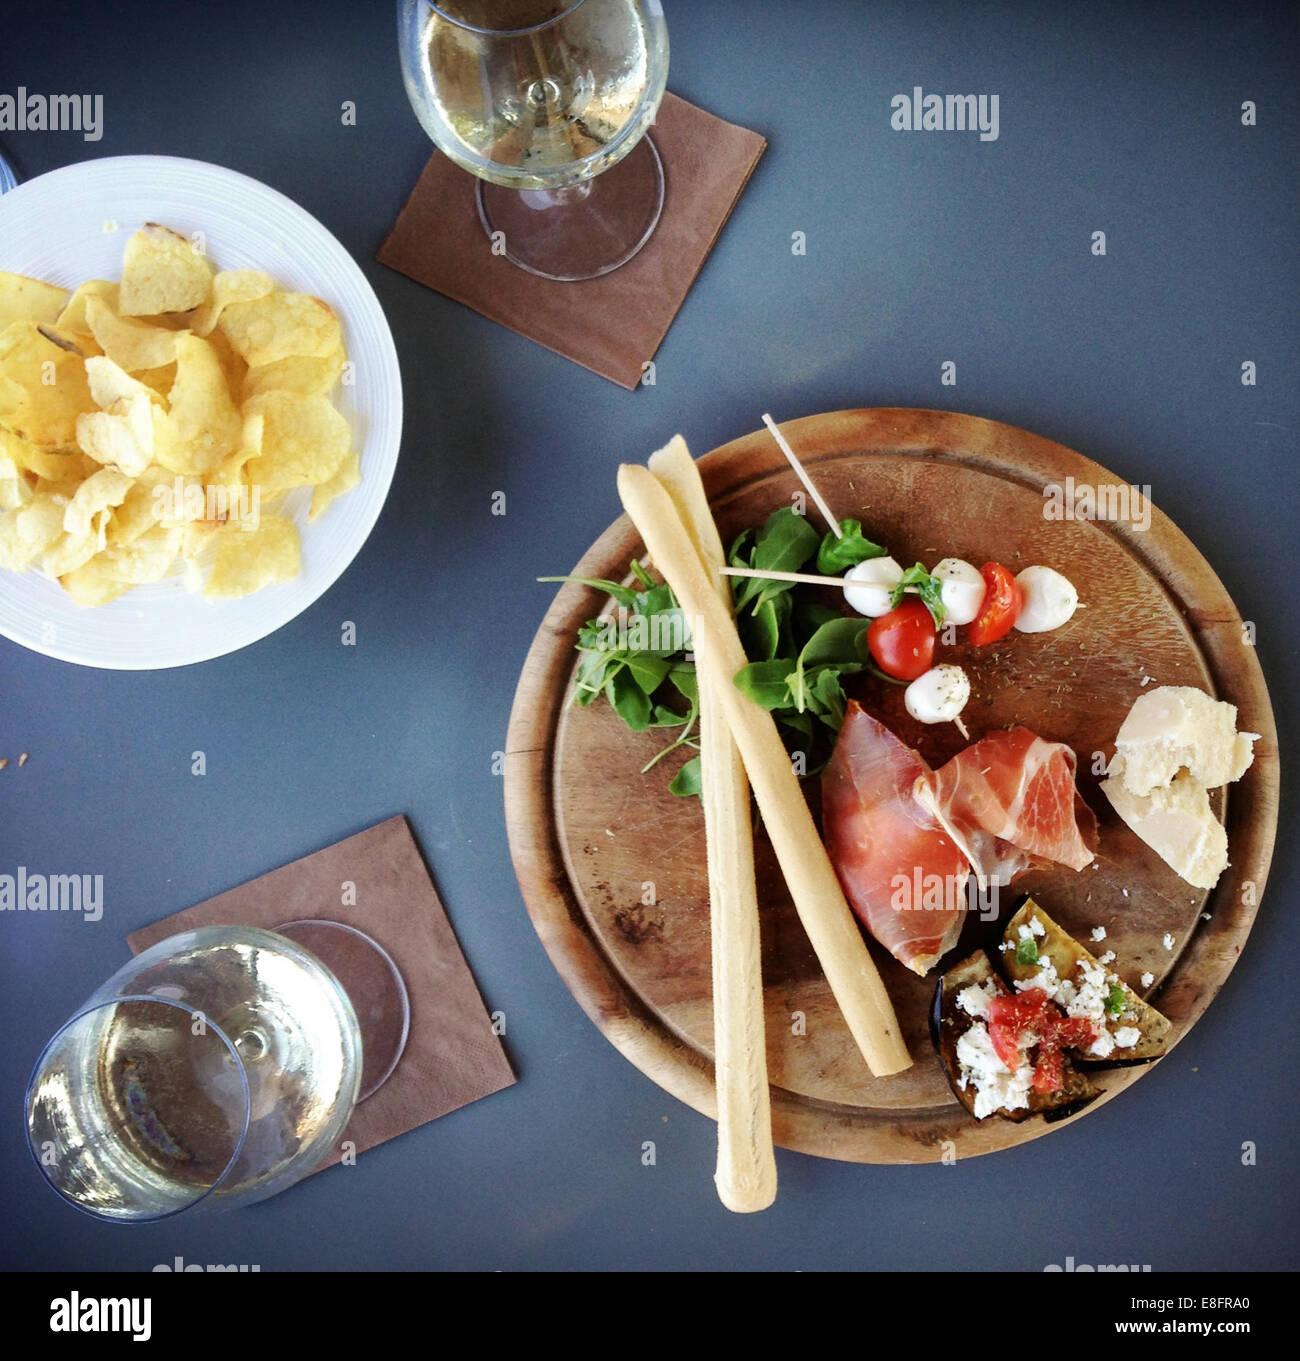 Draufsicht der Schinken, Käse, parmigiana Fingerfood und Cherry-Tomaten mit Mozzarella-Käse Stockbild